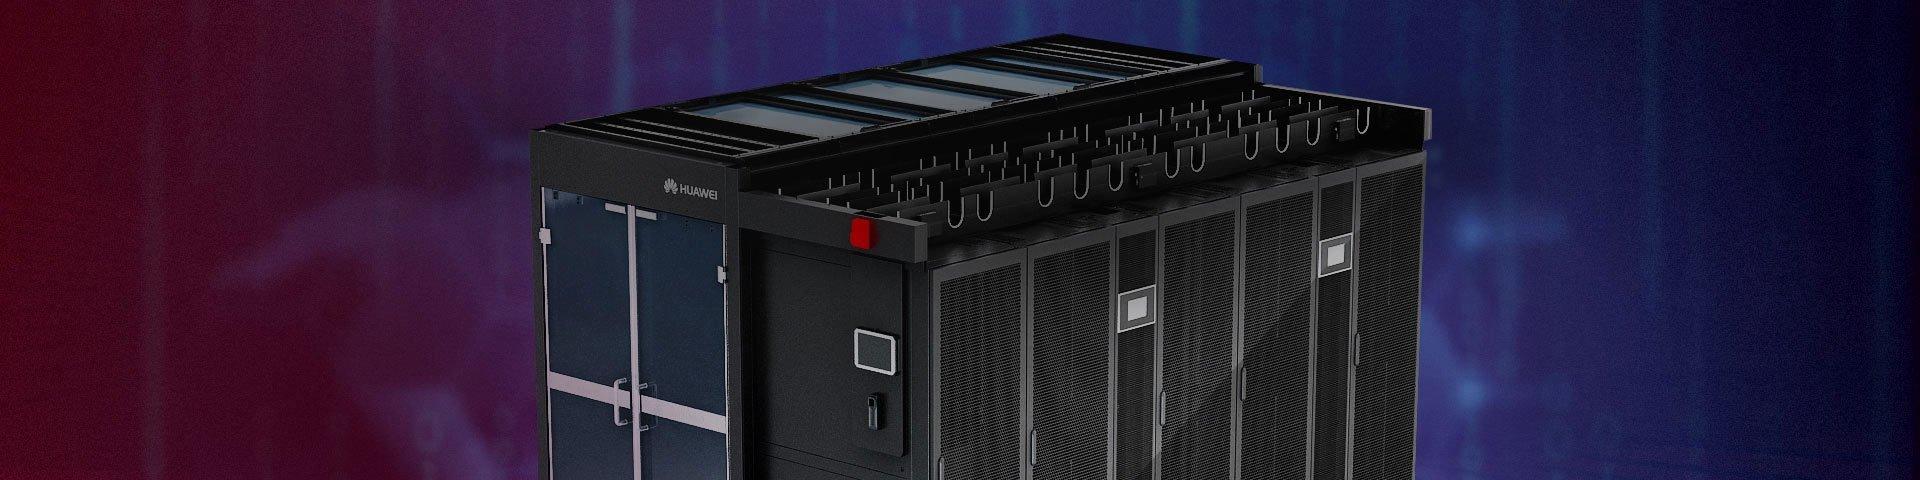 post data center huawei fusionmodule2000